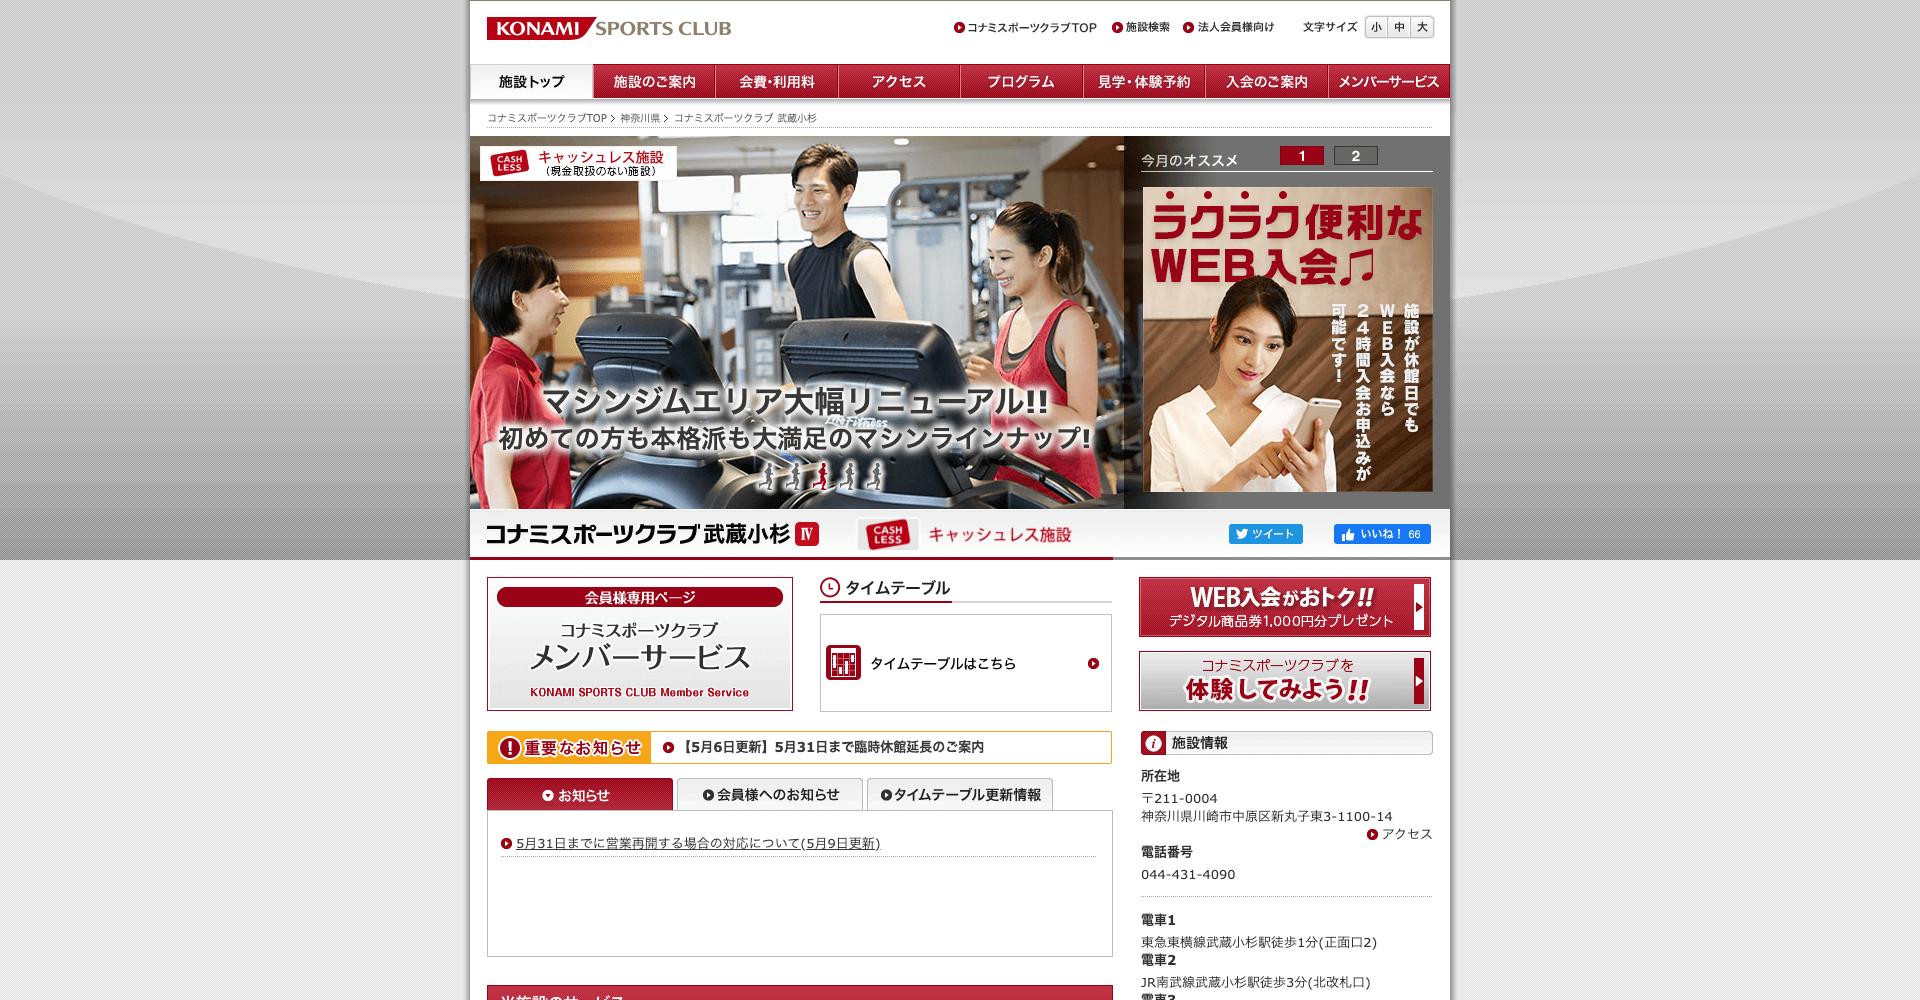 コナミスポーツクラブ武蔵小杉